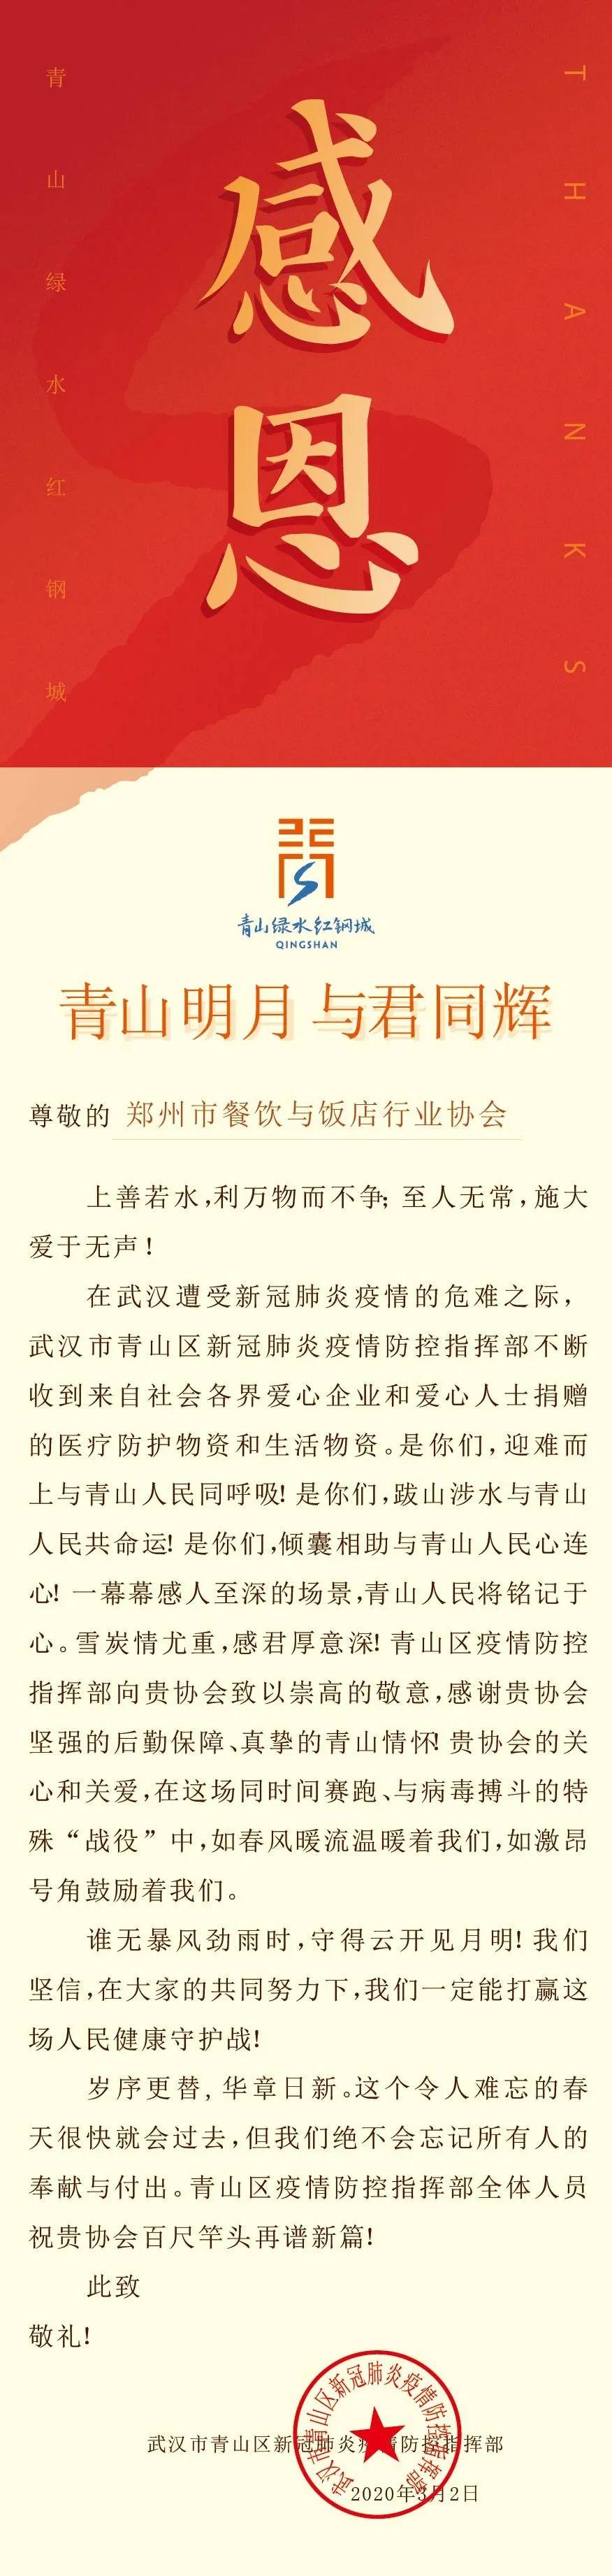 河南厨师赴武汉战疫日记